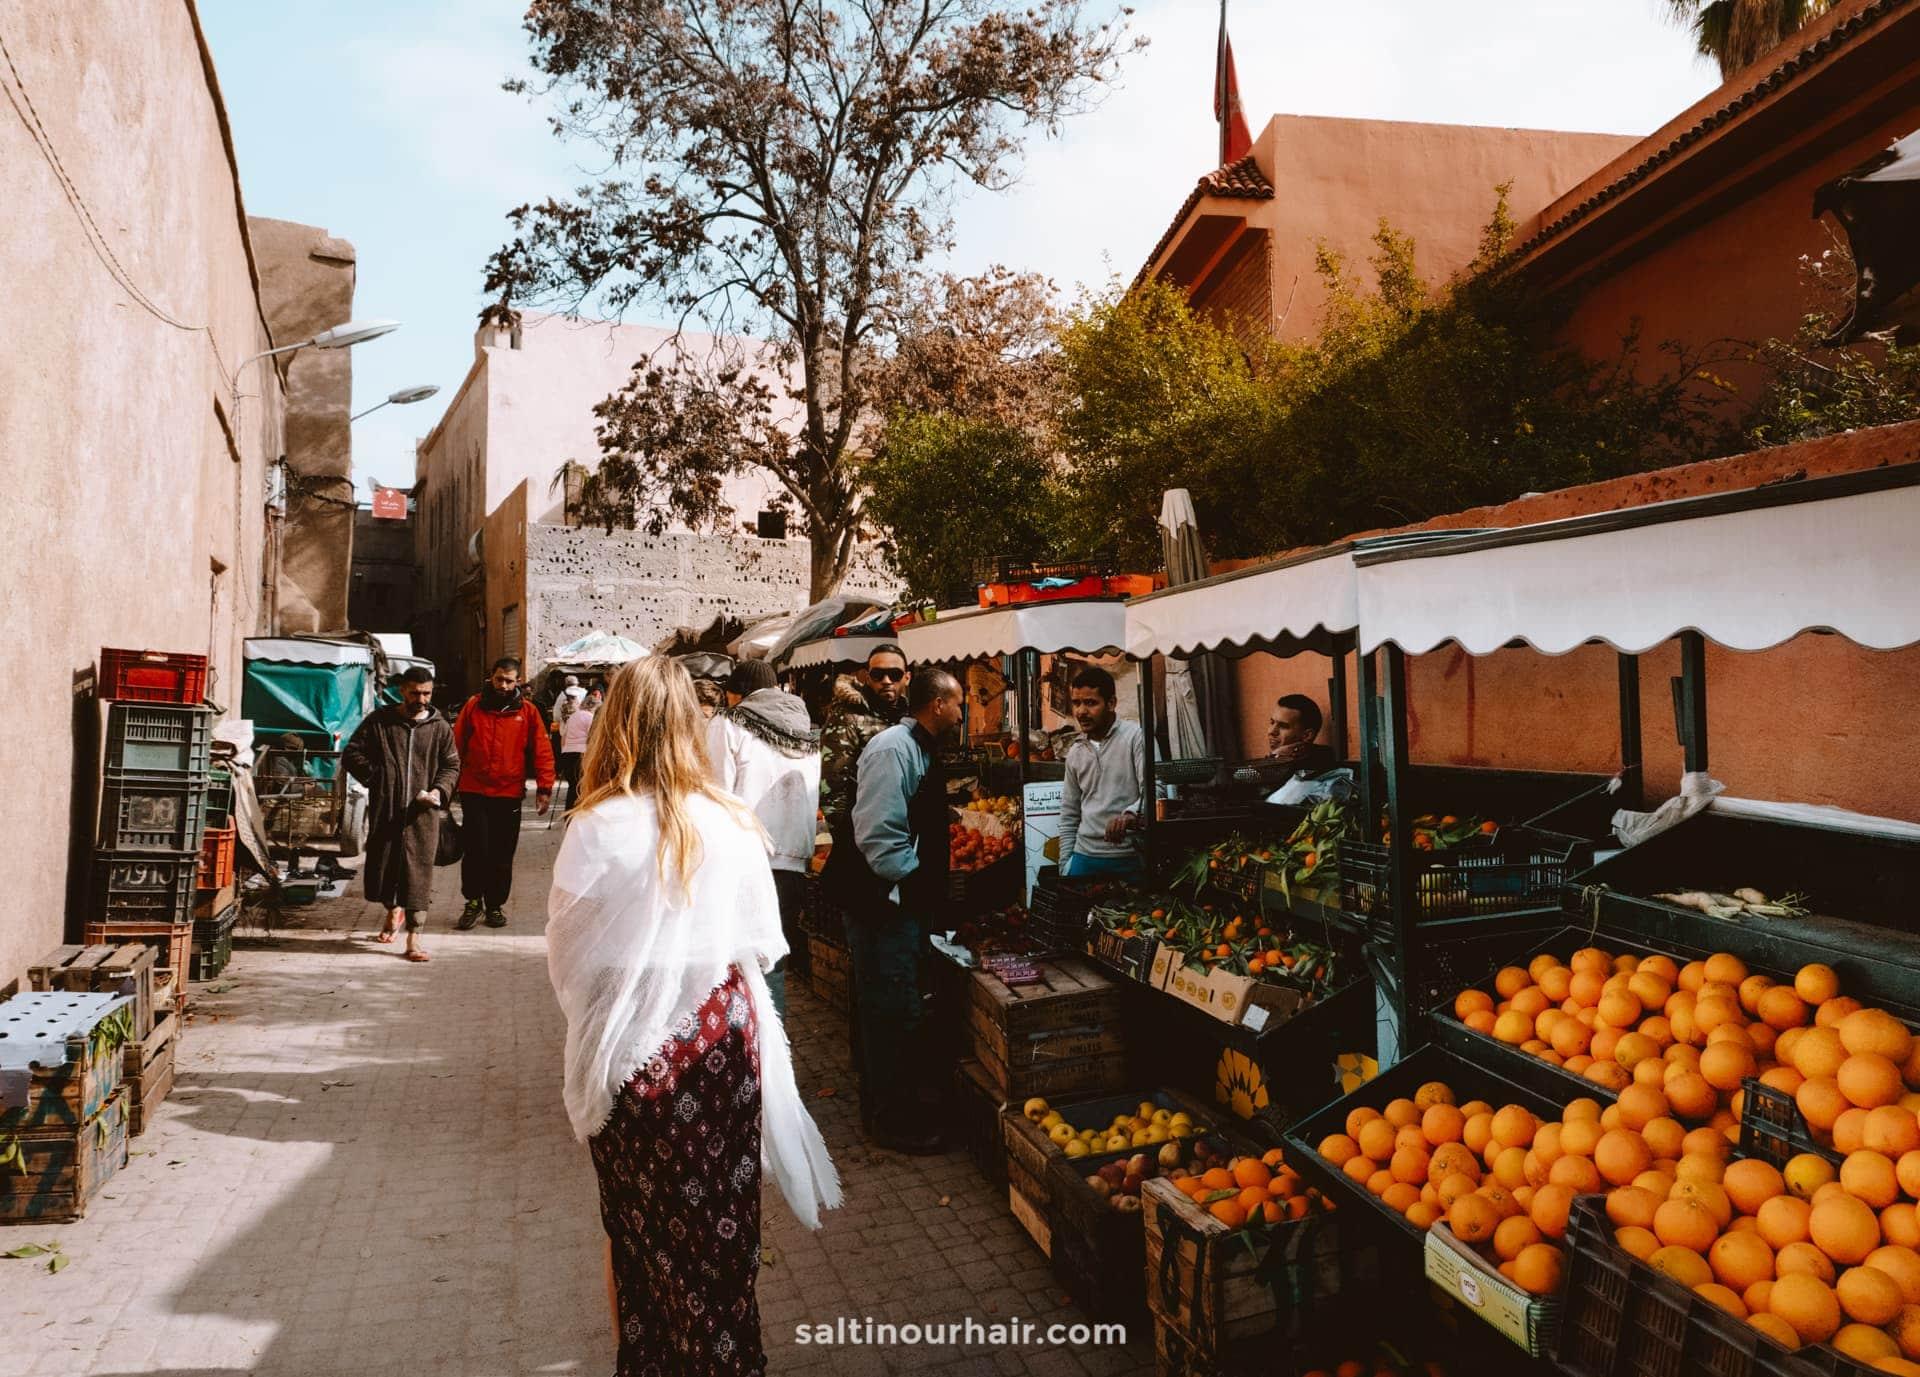 Jamaa El Fnaa marrakech